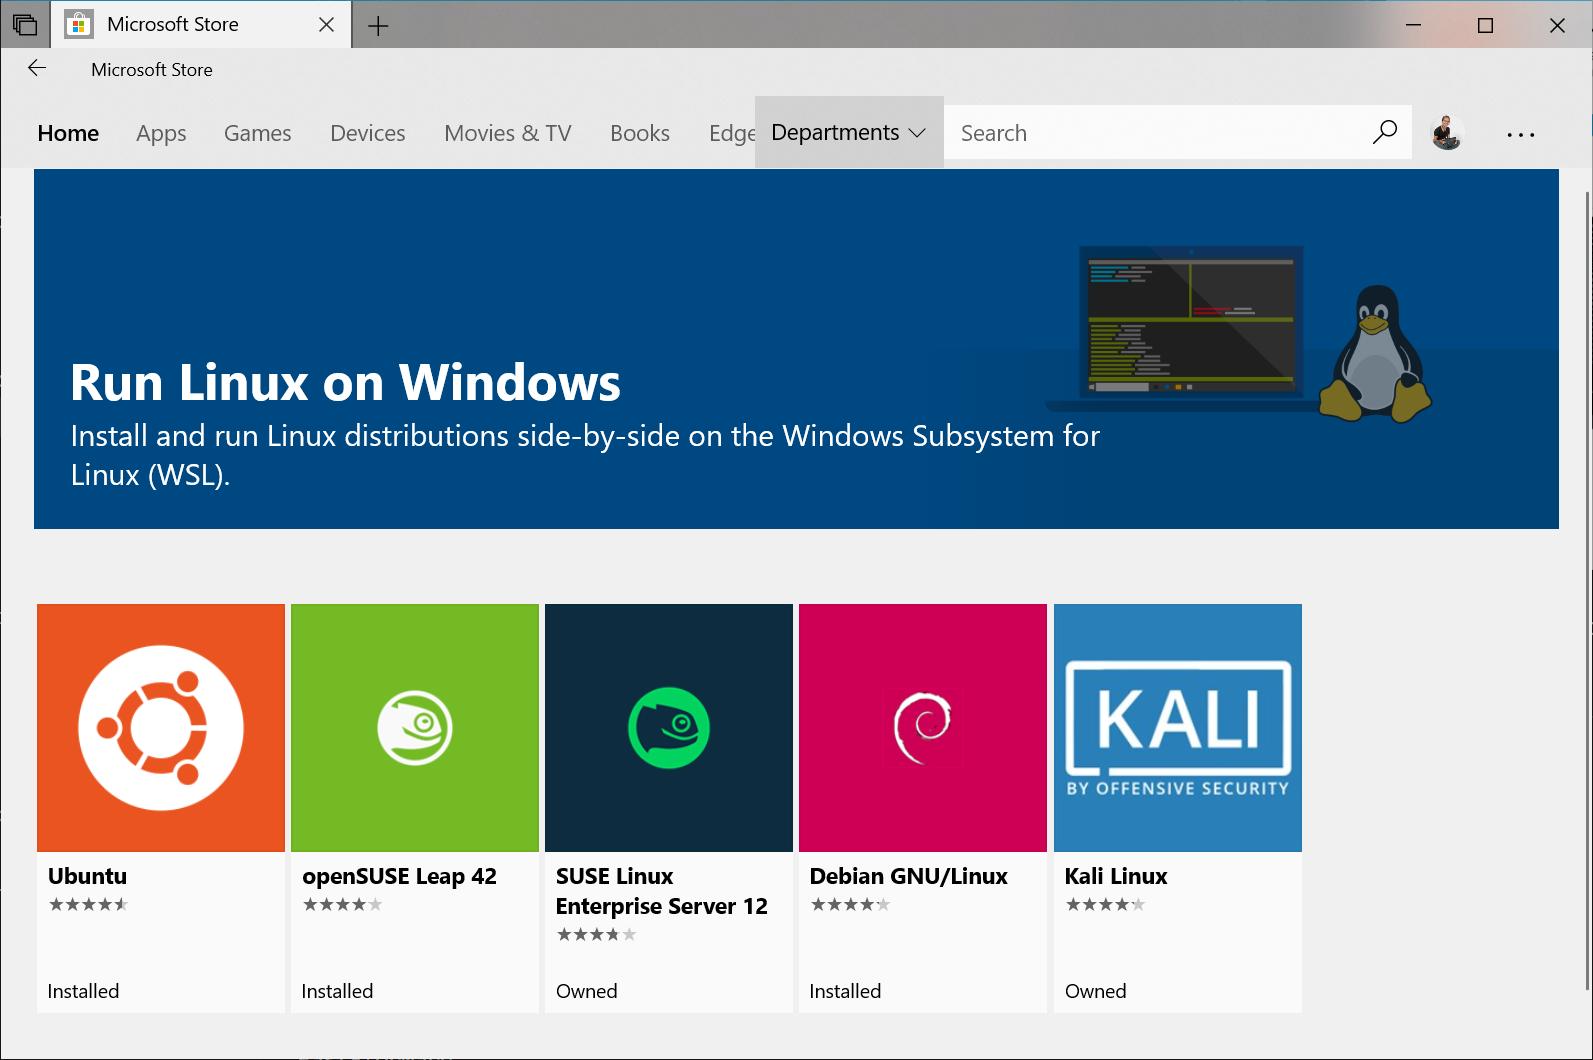 Vista de las distribuciones de Linux en MicrosoftStore